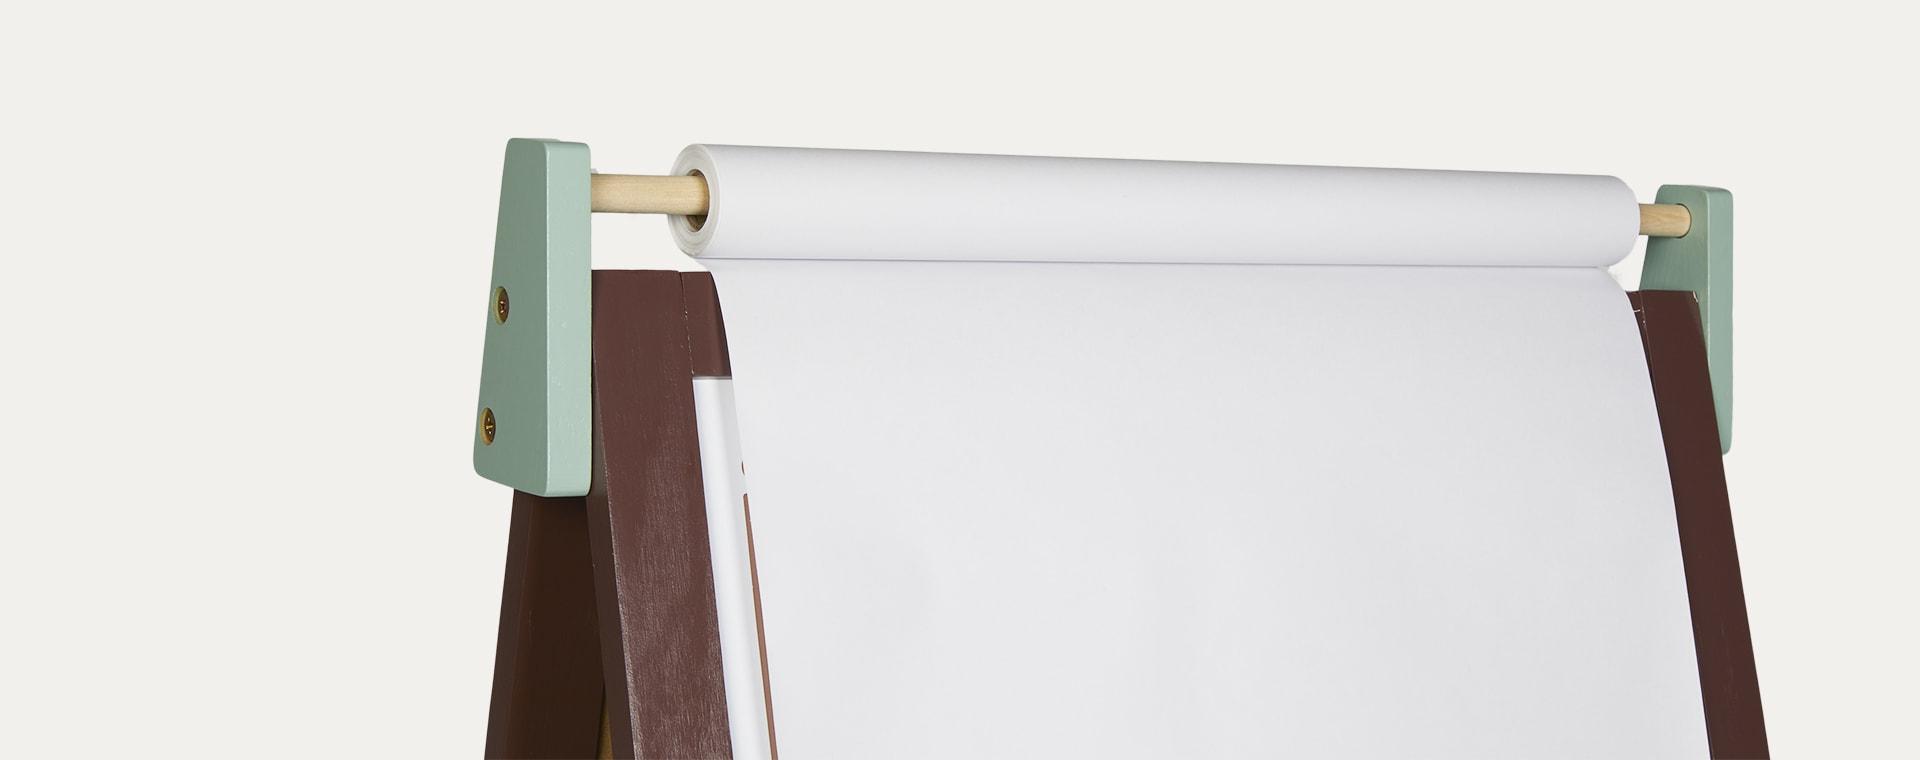 Burgundy/Green Janod Adjustable Easel